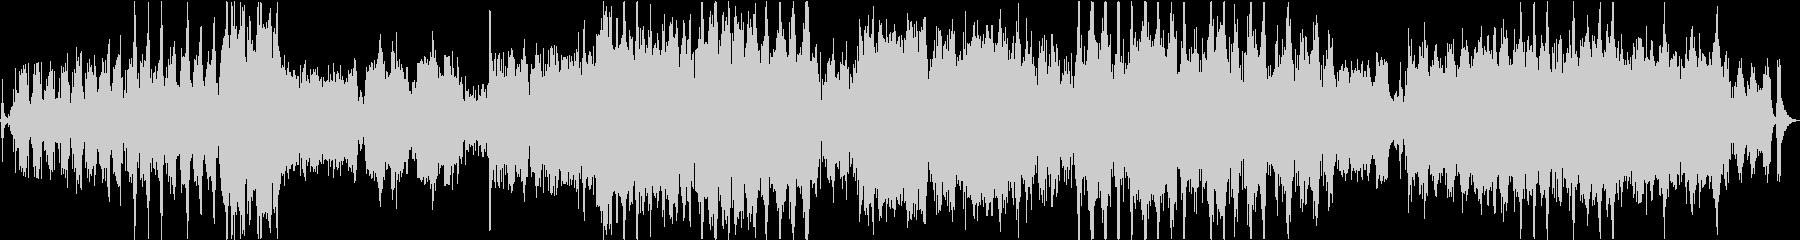 低音重視の重厚で物々しいオーケストラの未再生の波形